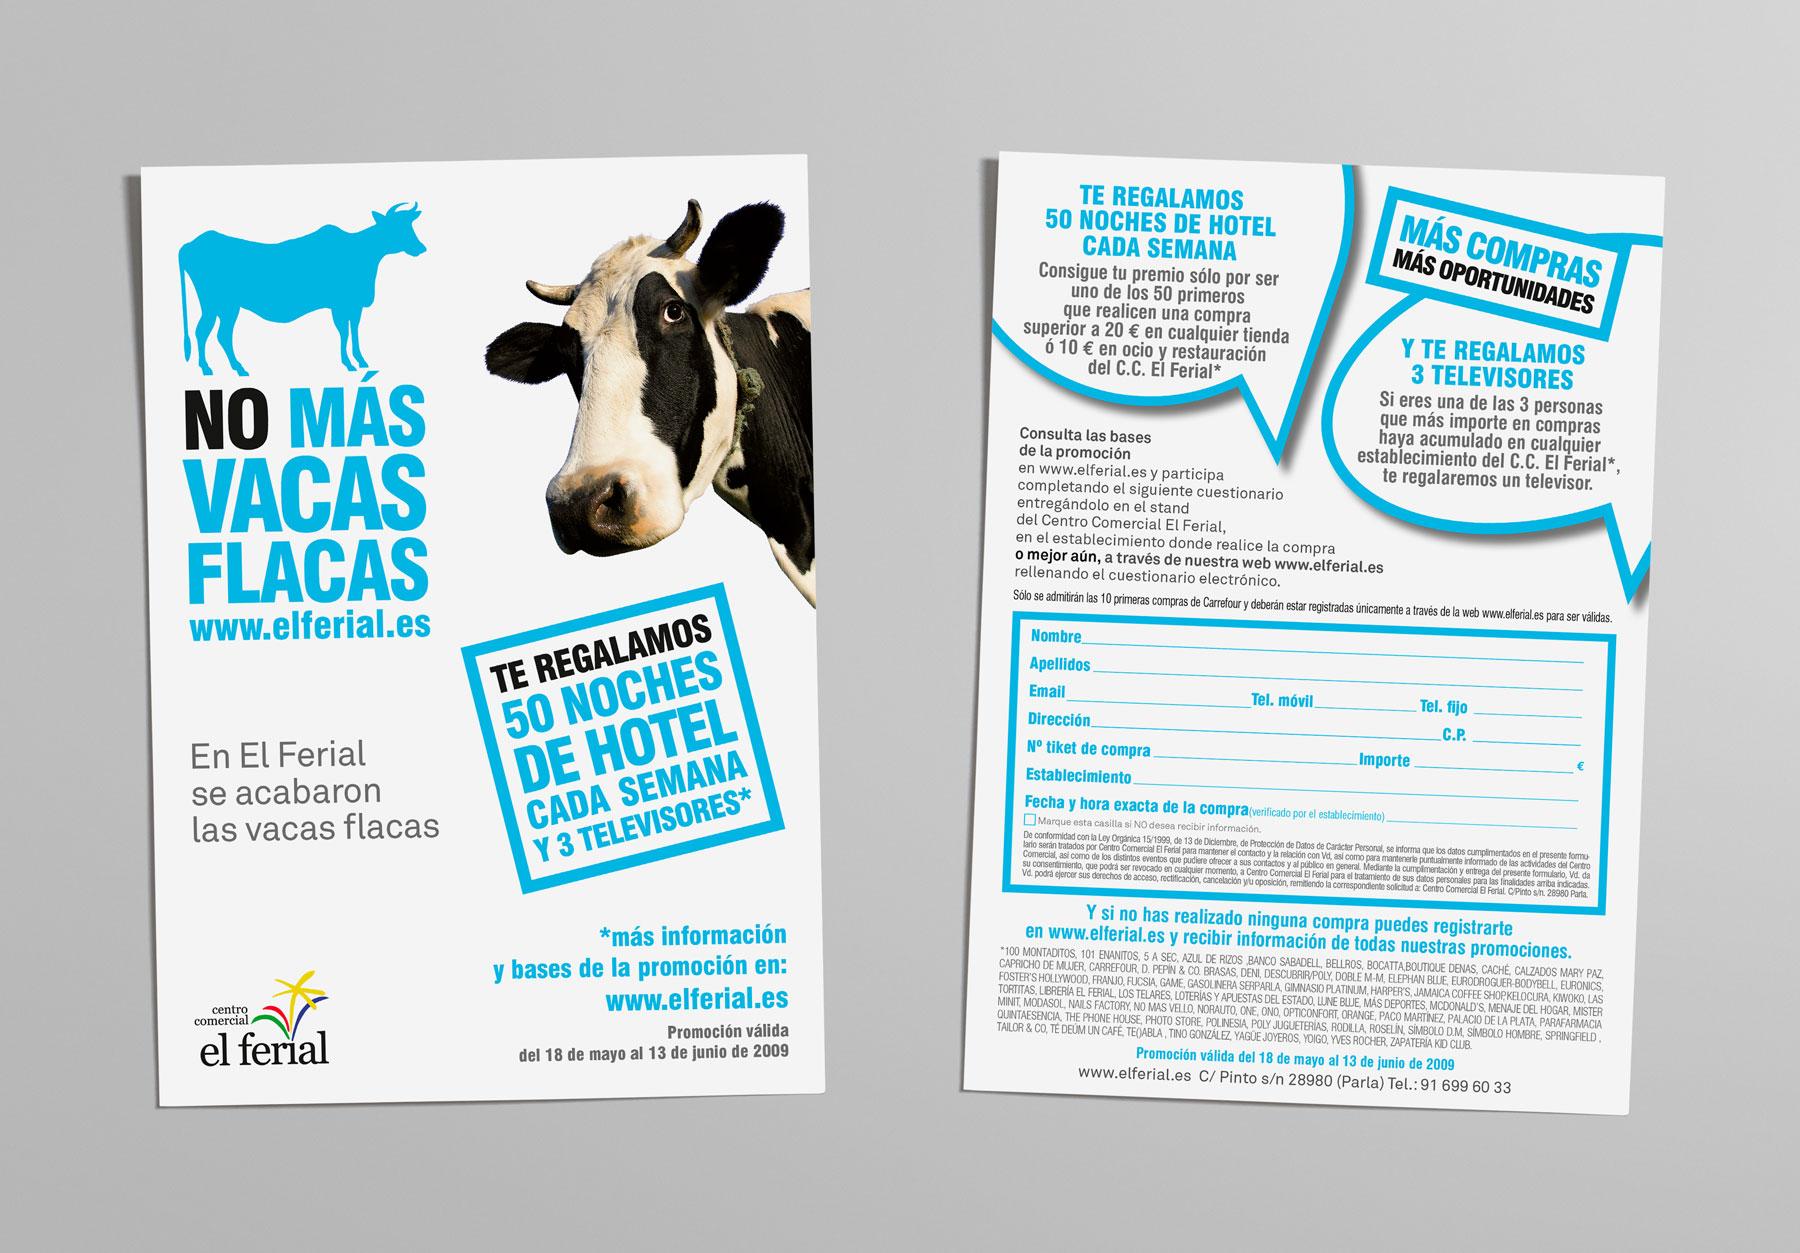 el_ferial_no_mas_vacas_flacas_02